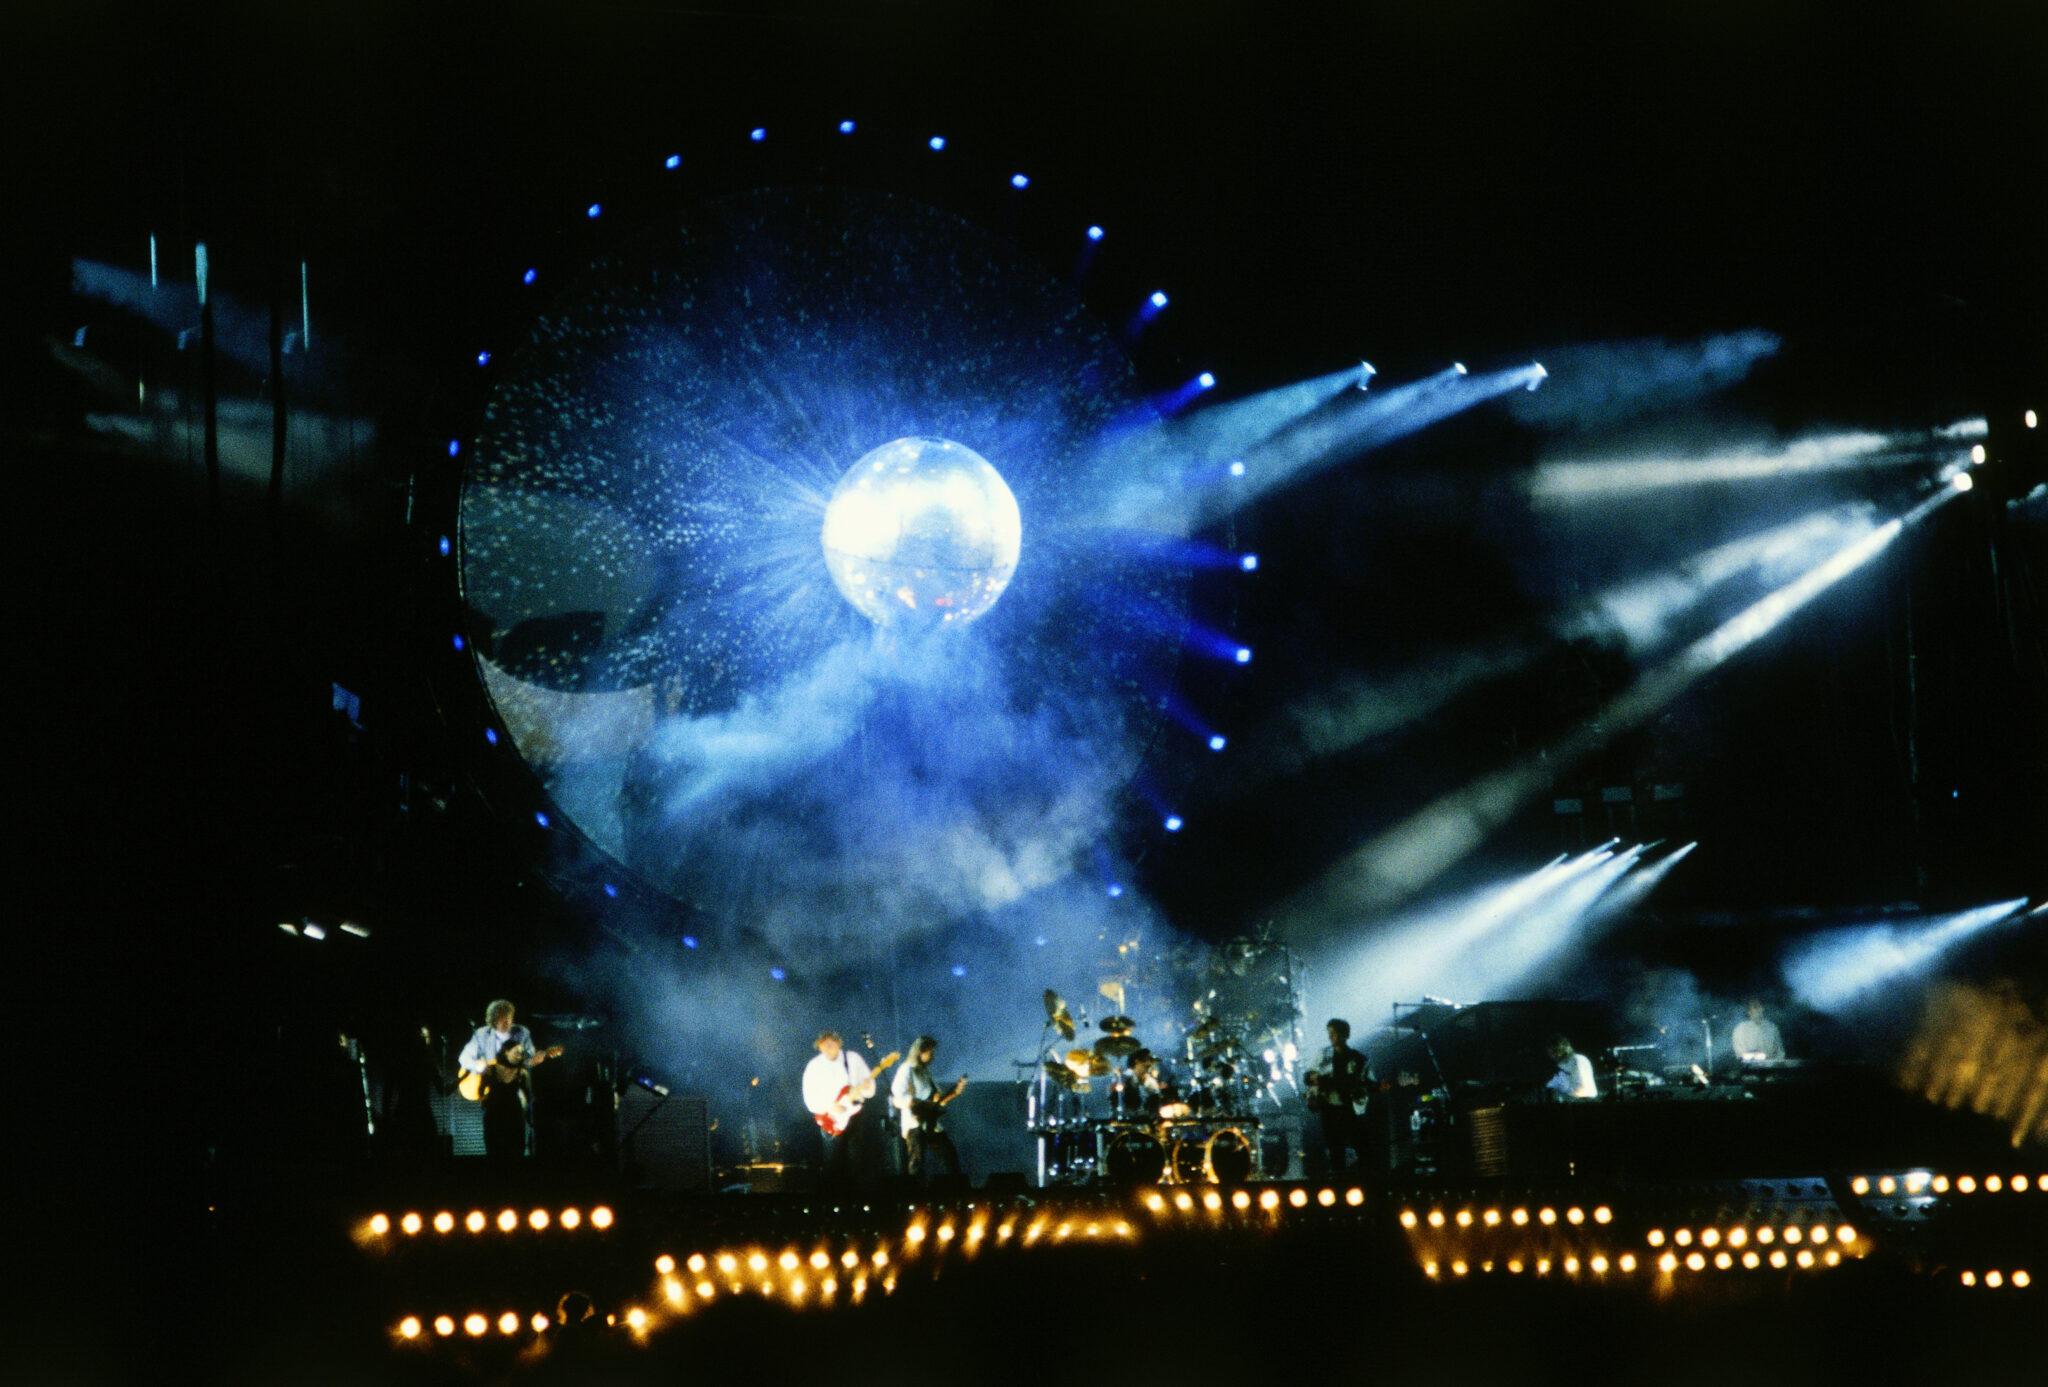 Pink Floyd, brit. Popmusik Gruppe, 1965 gegruendet, waehrend Konzert, Olympiastadion Muenchen, 1994, Tournee, Tour, Buehne, Auftritt, Rockkonzert, Popkonzert, Buehnenshow, Show, Illumination, Lichtshow, Pop, Rock, Musik, (KEYSTONE/INTERFOTO/Stephan Rumpf)